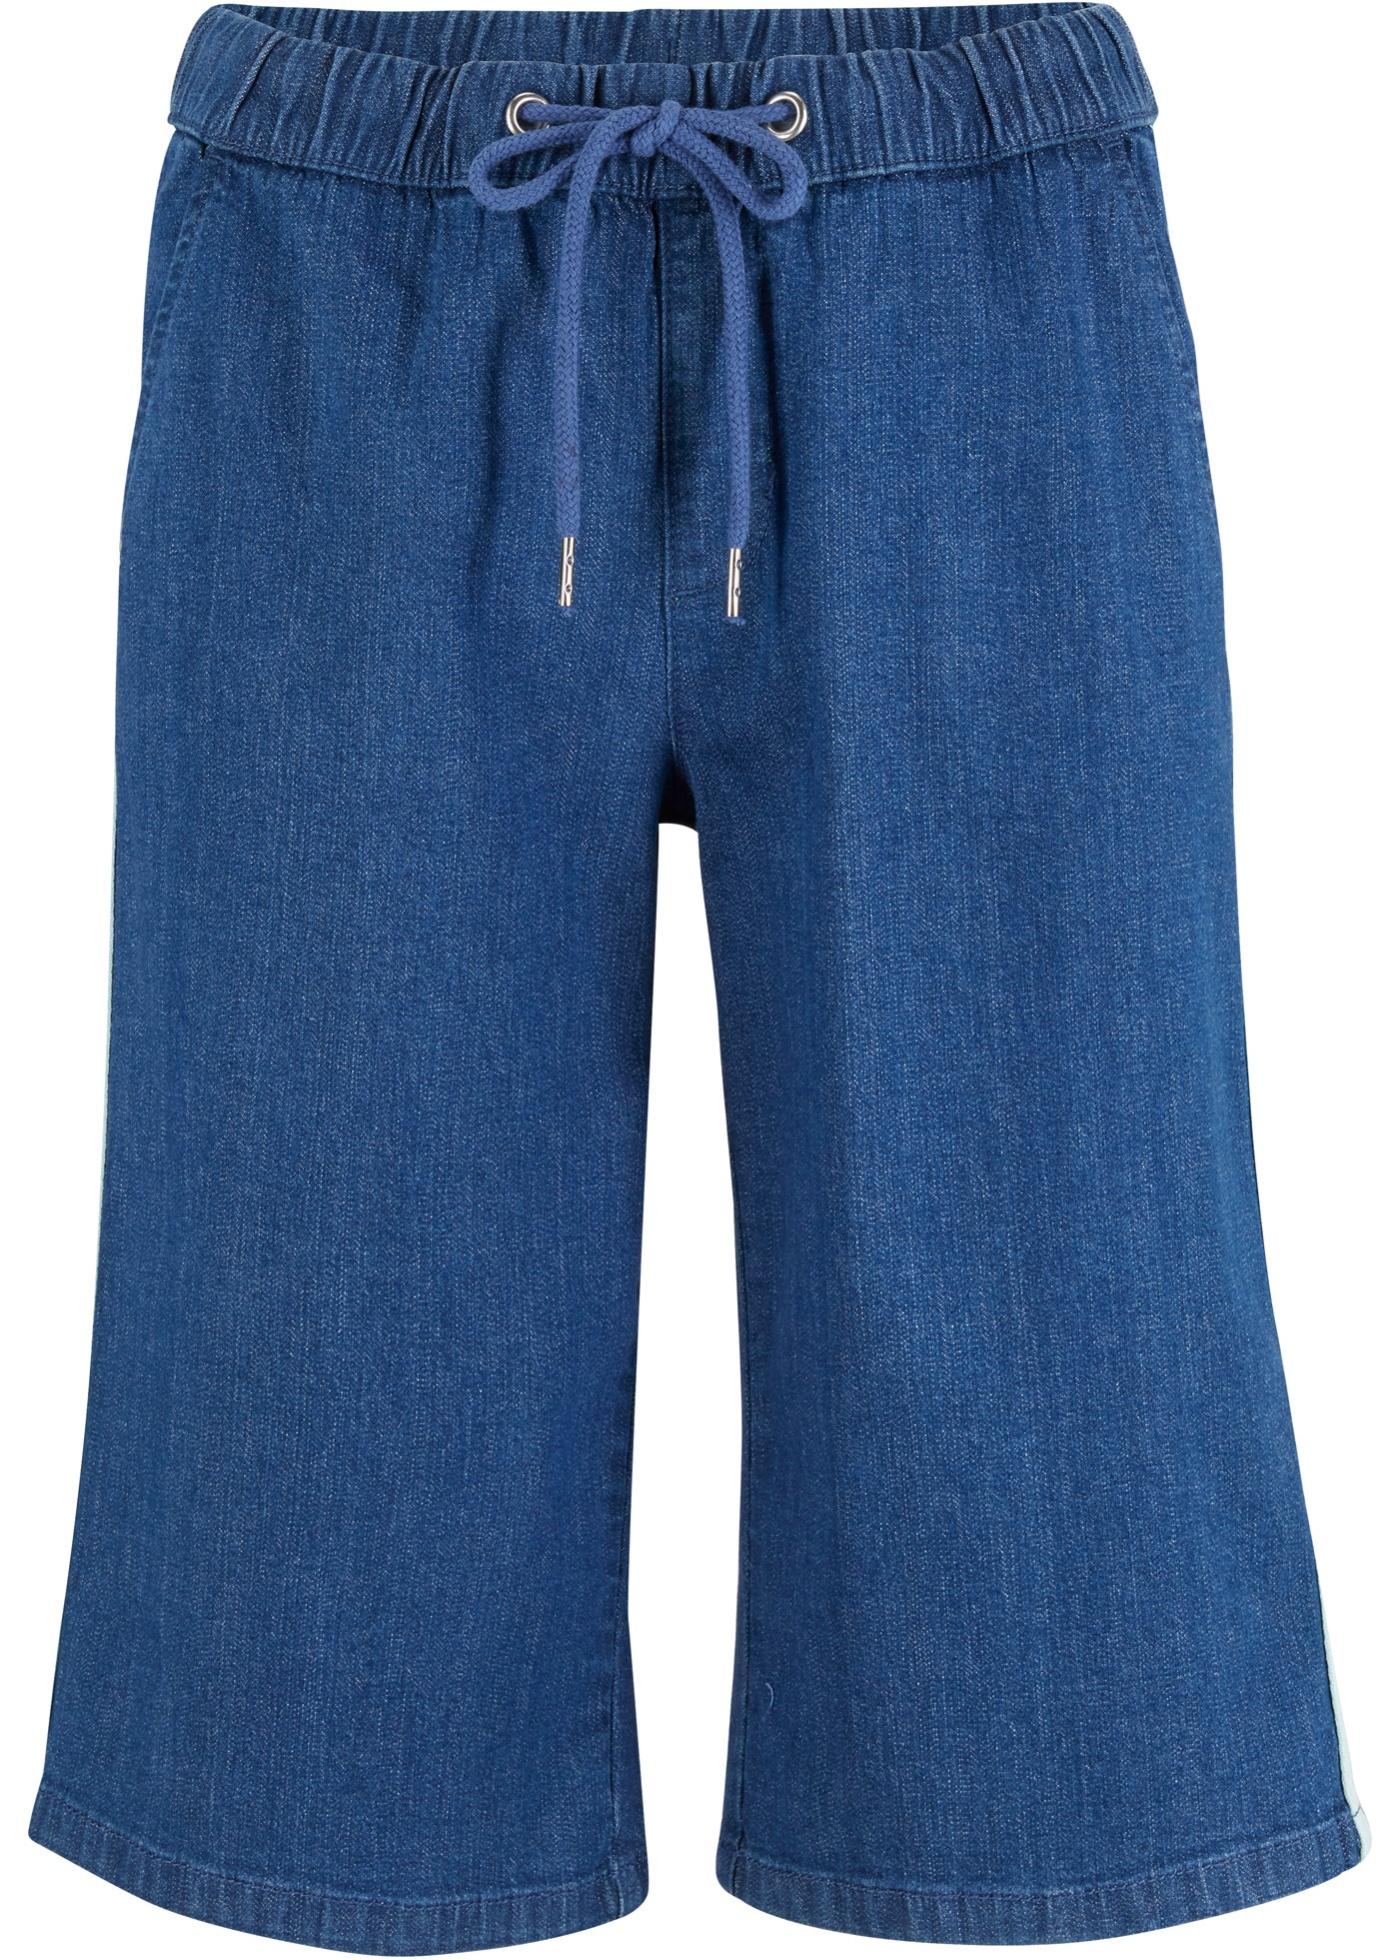 Jeans-Bermuda mit farbigem Streifen in blau für Damen von bonprix